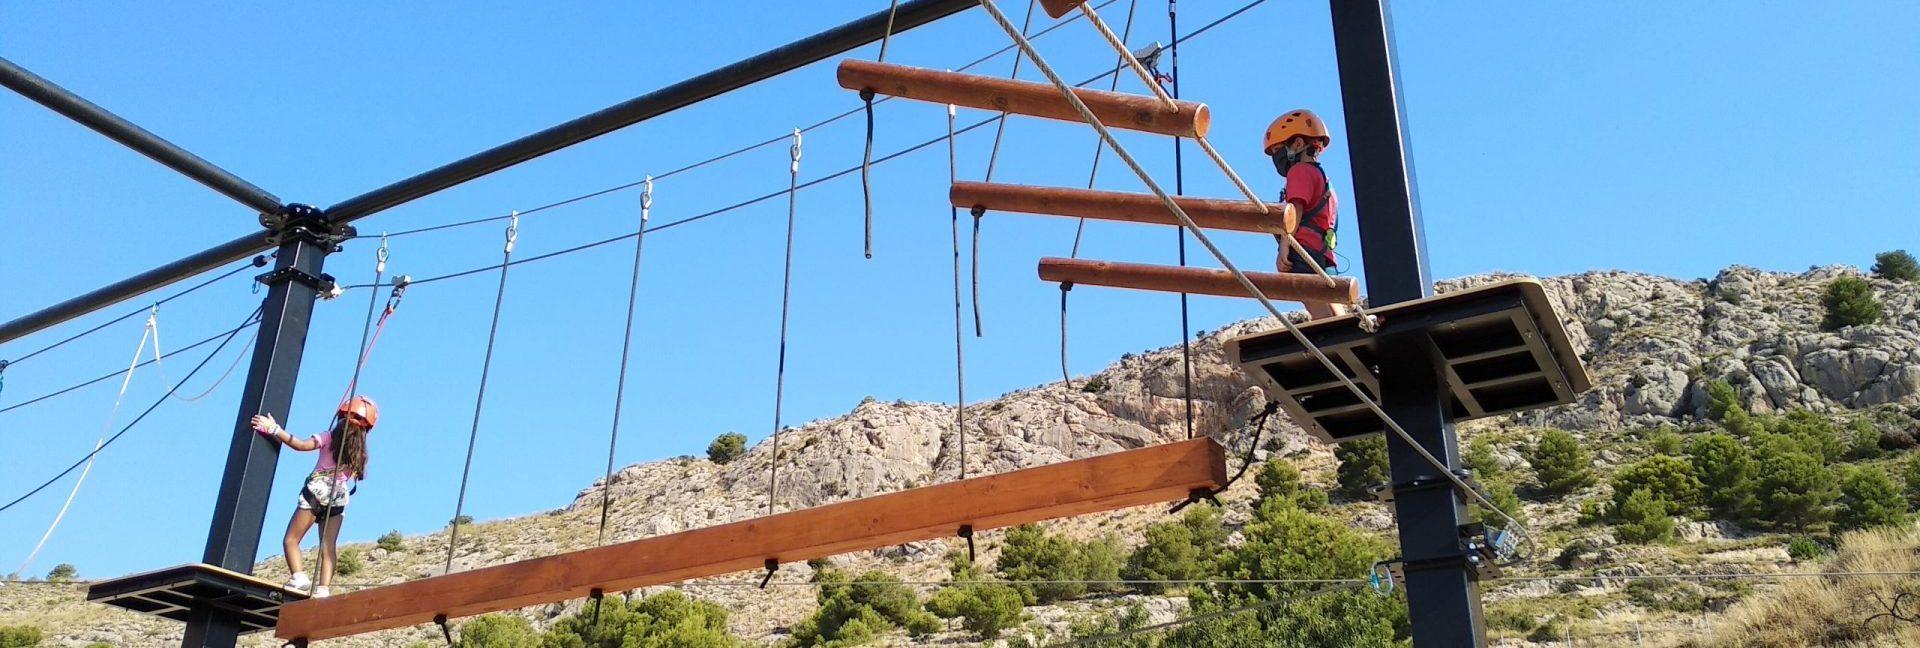 Parque aventura Slide 3